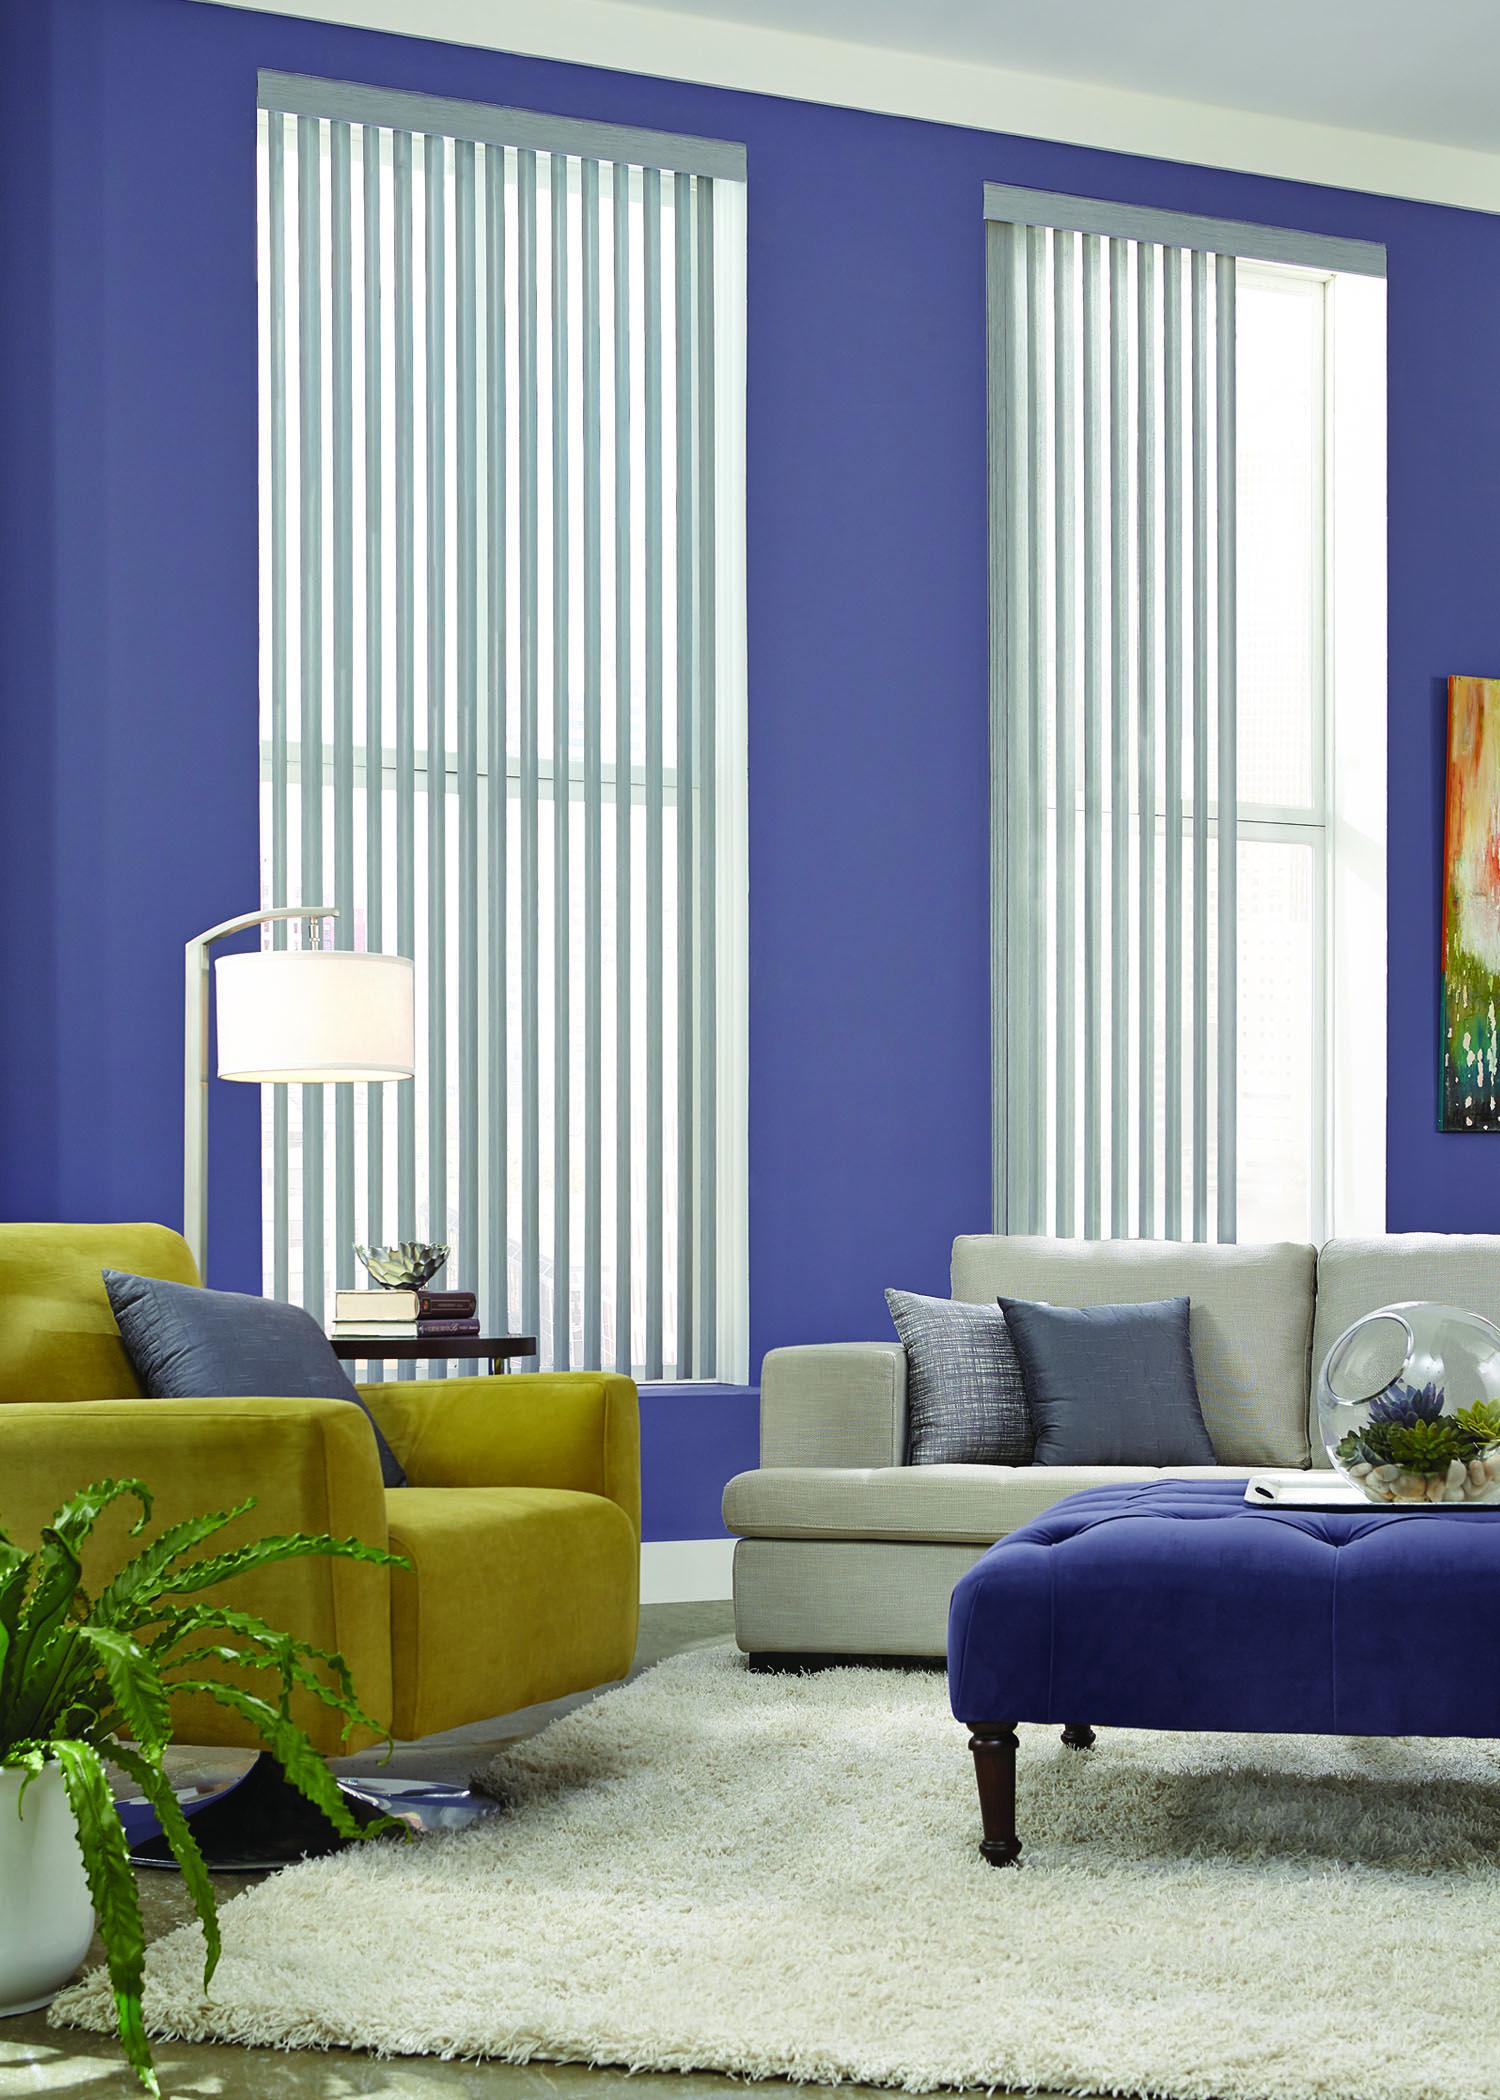 Graber Vinyl Vertical Living Living Room Windows Window Treatments Living Room Purple Living Room